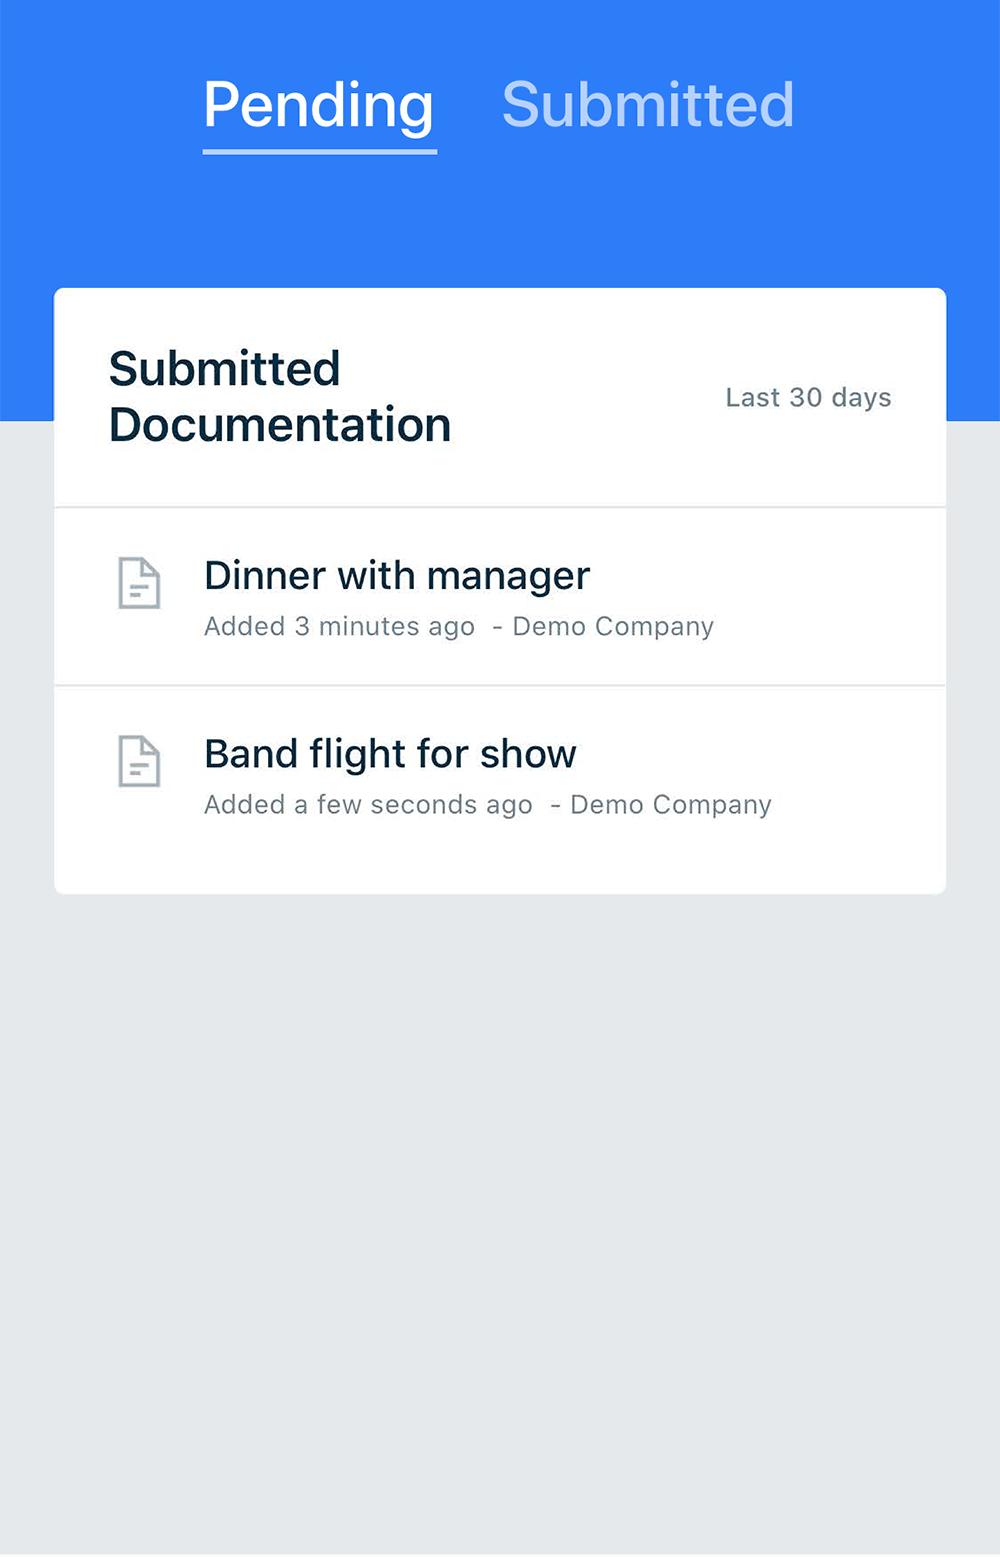 Receipt & Bill Sample Data From Leftbrain App